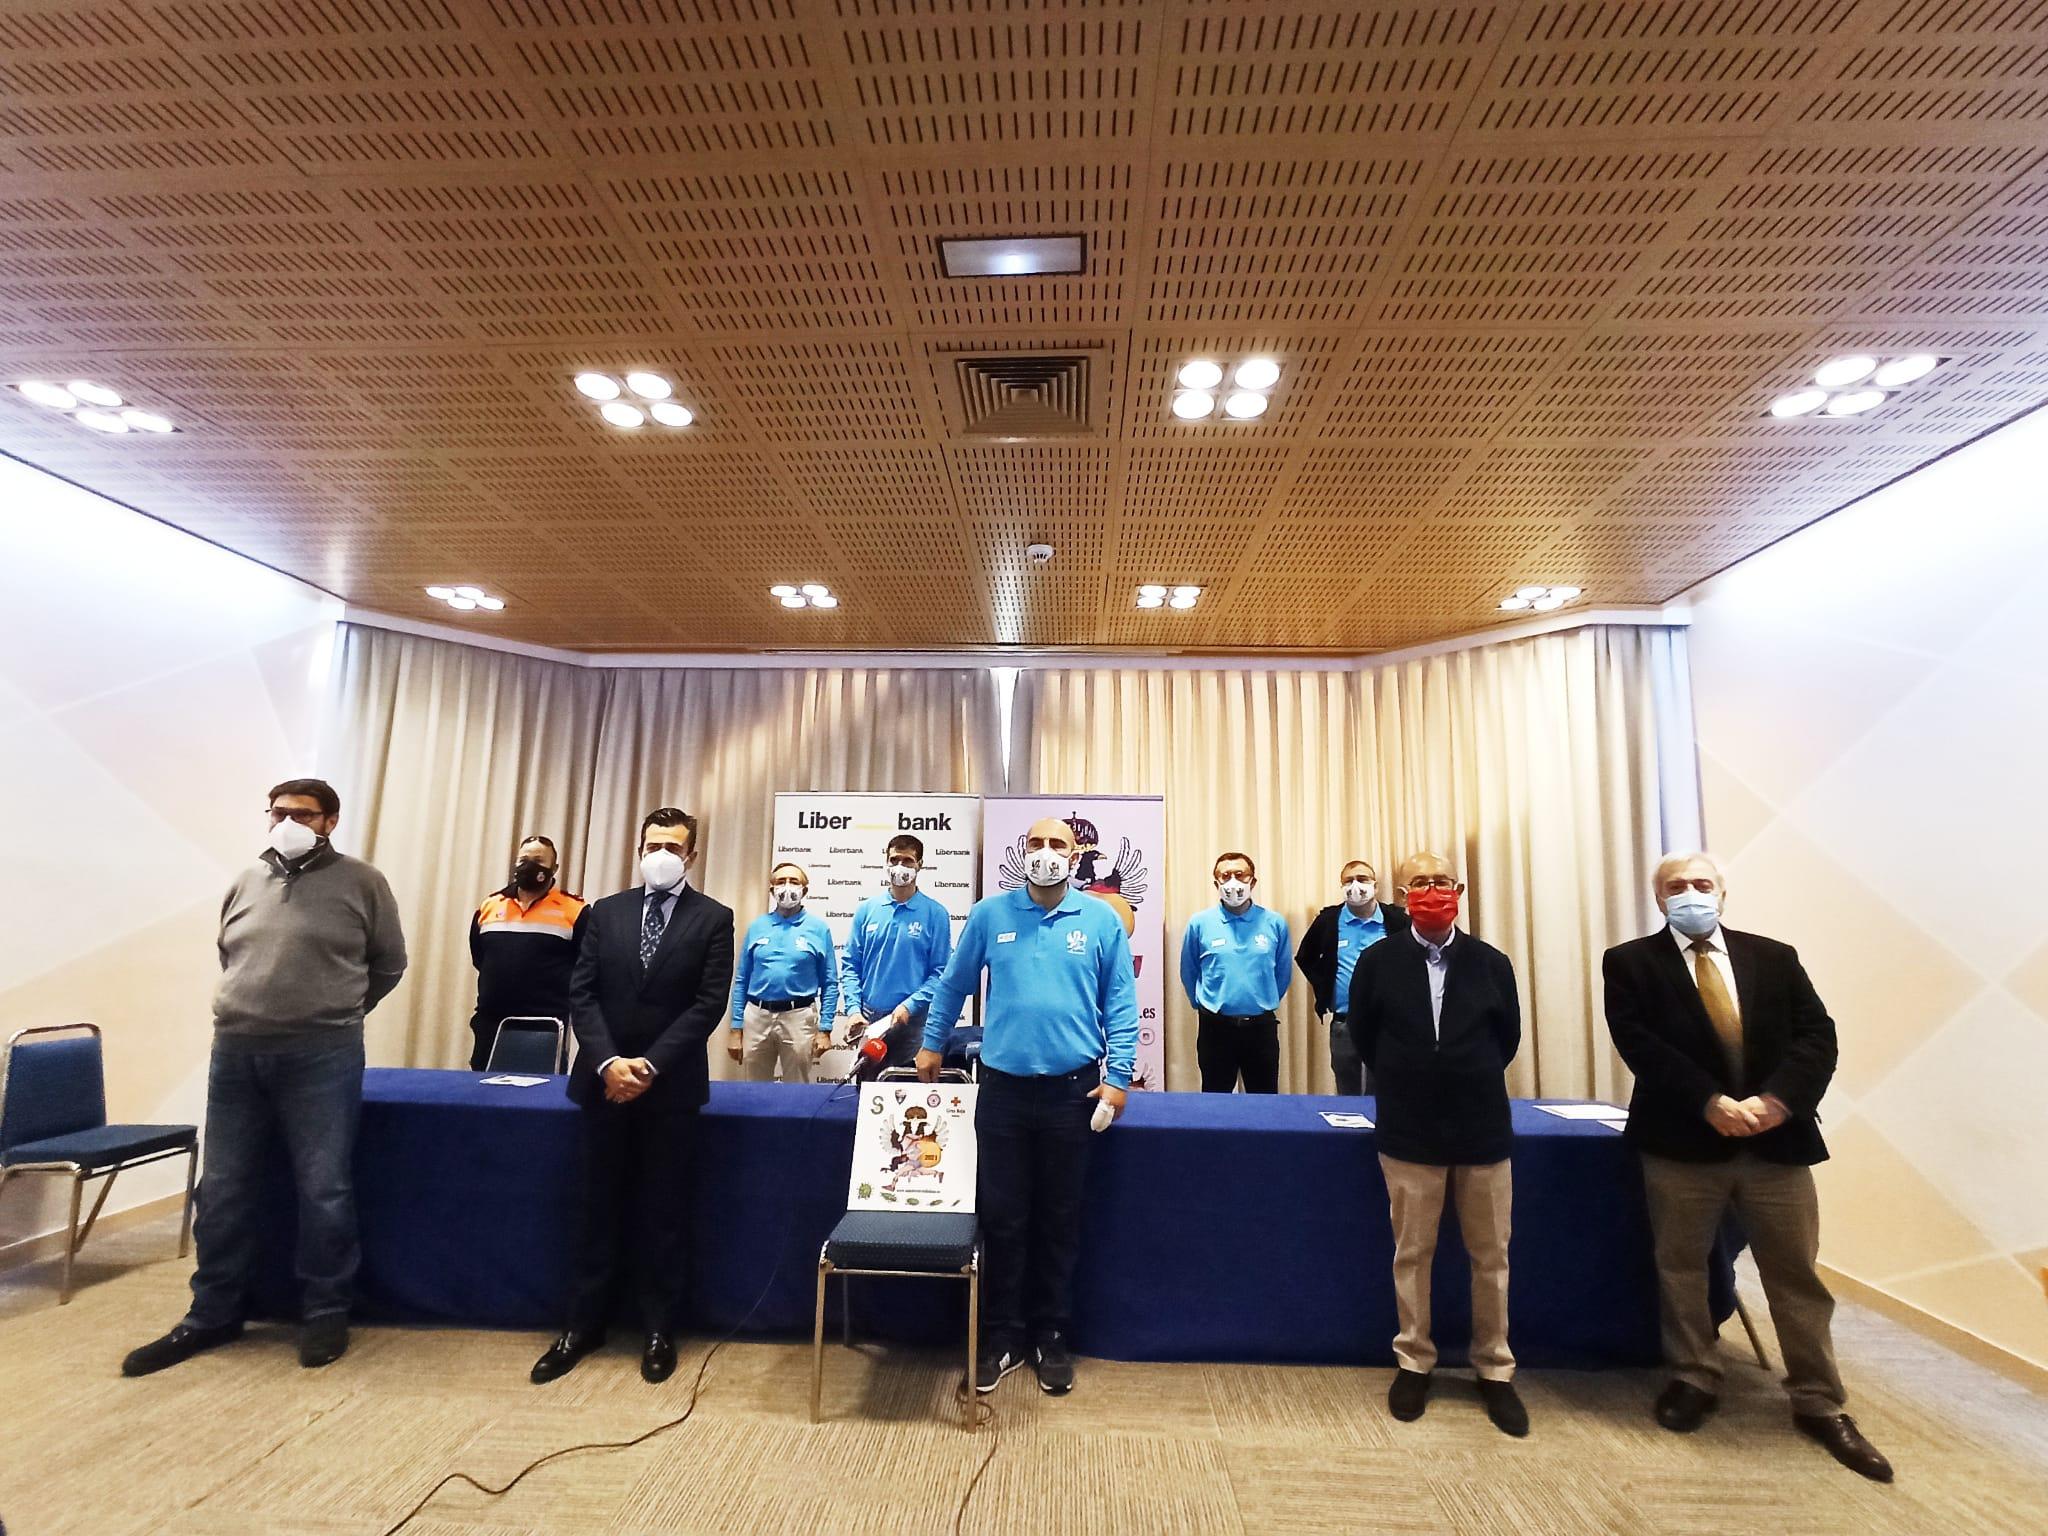 Un acto simbólico y sin público en la Puerta de Bisagra recordará la San Silvestre en un año marcado por la Covid-19